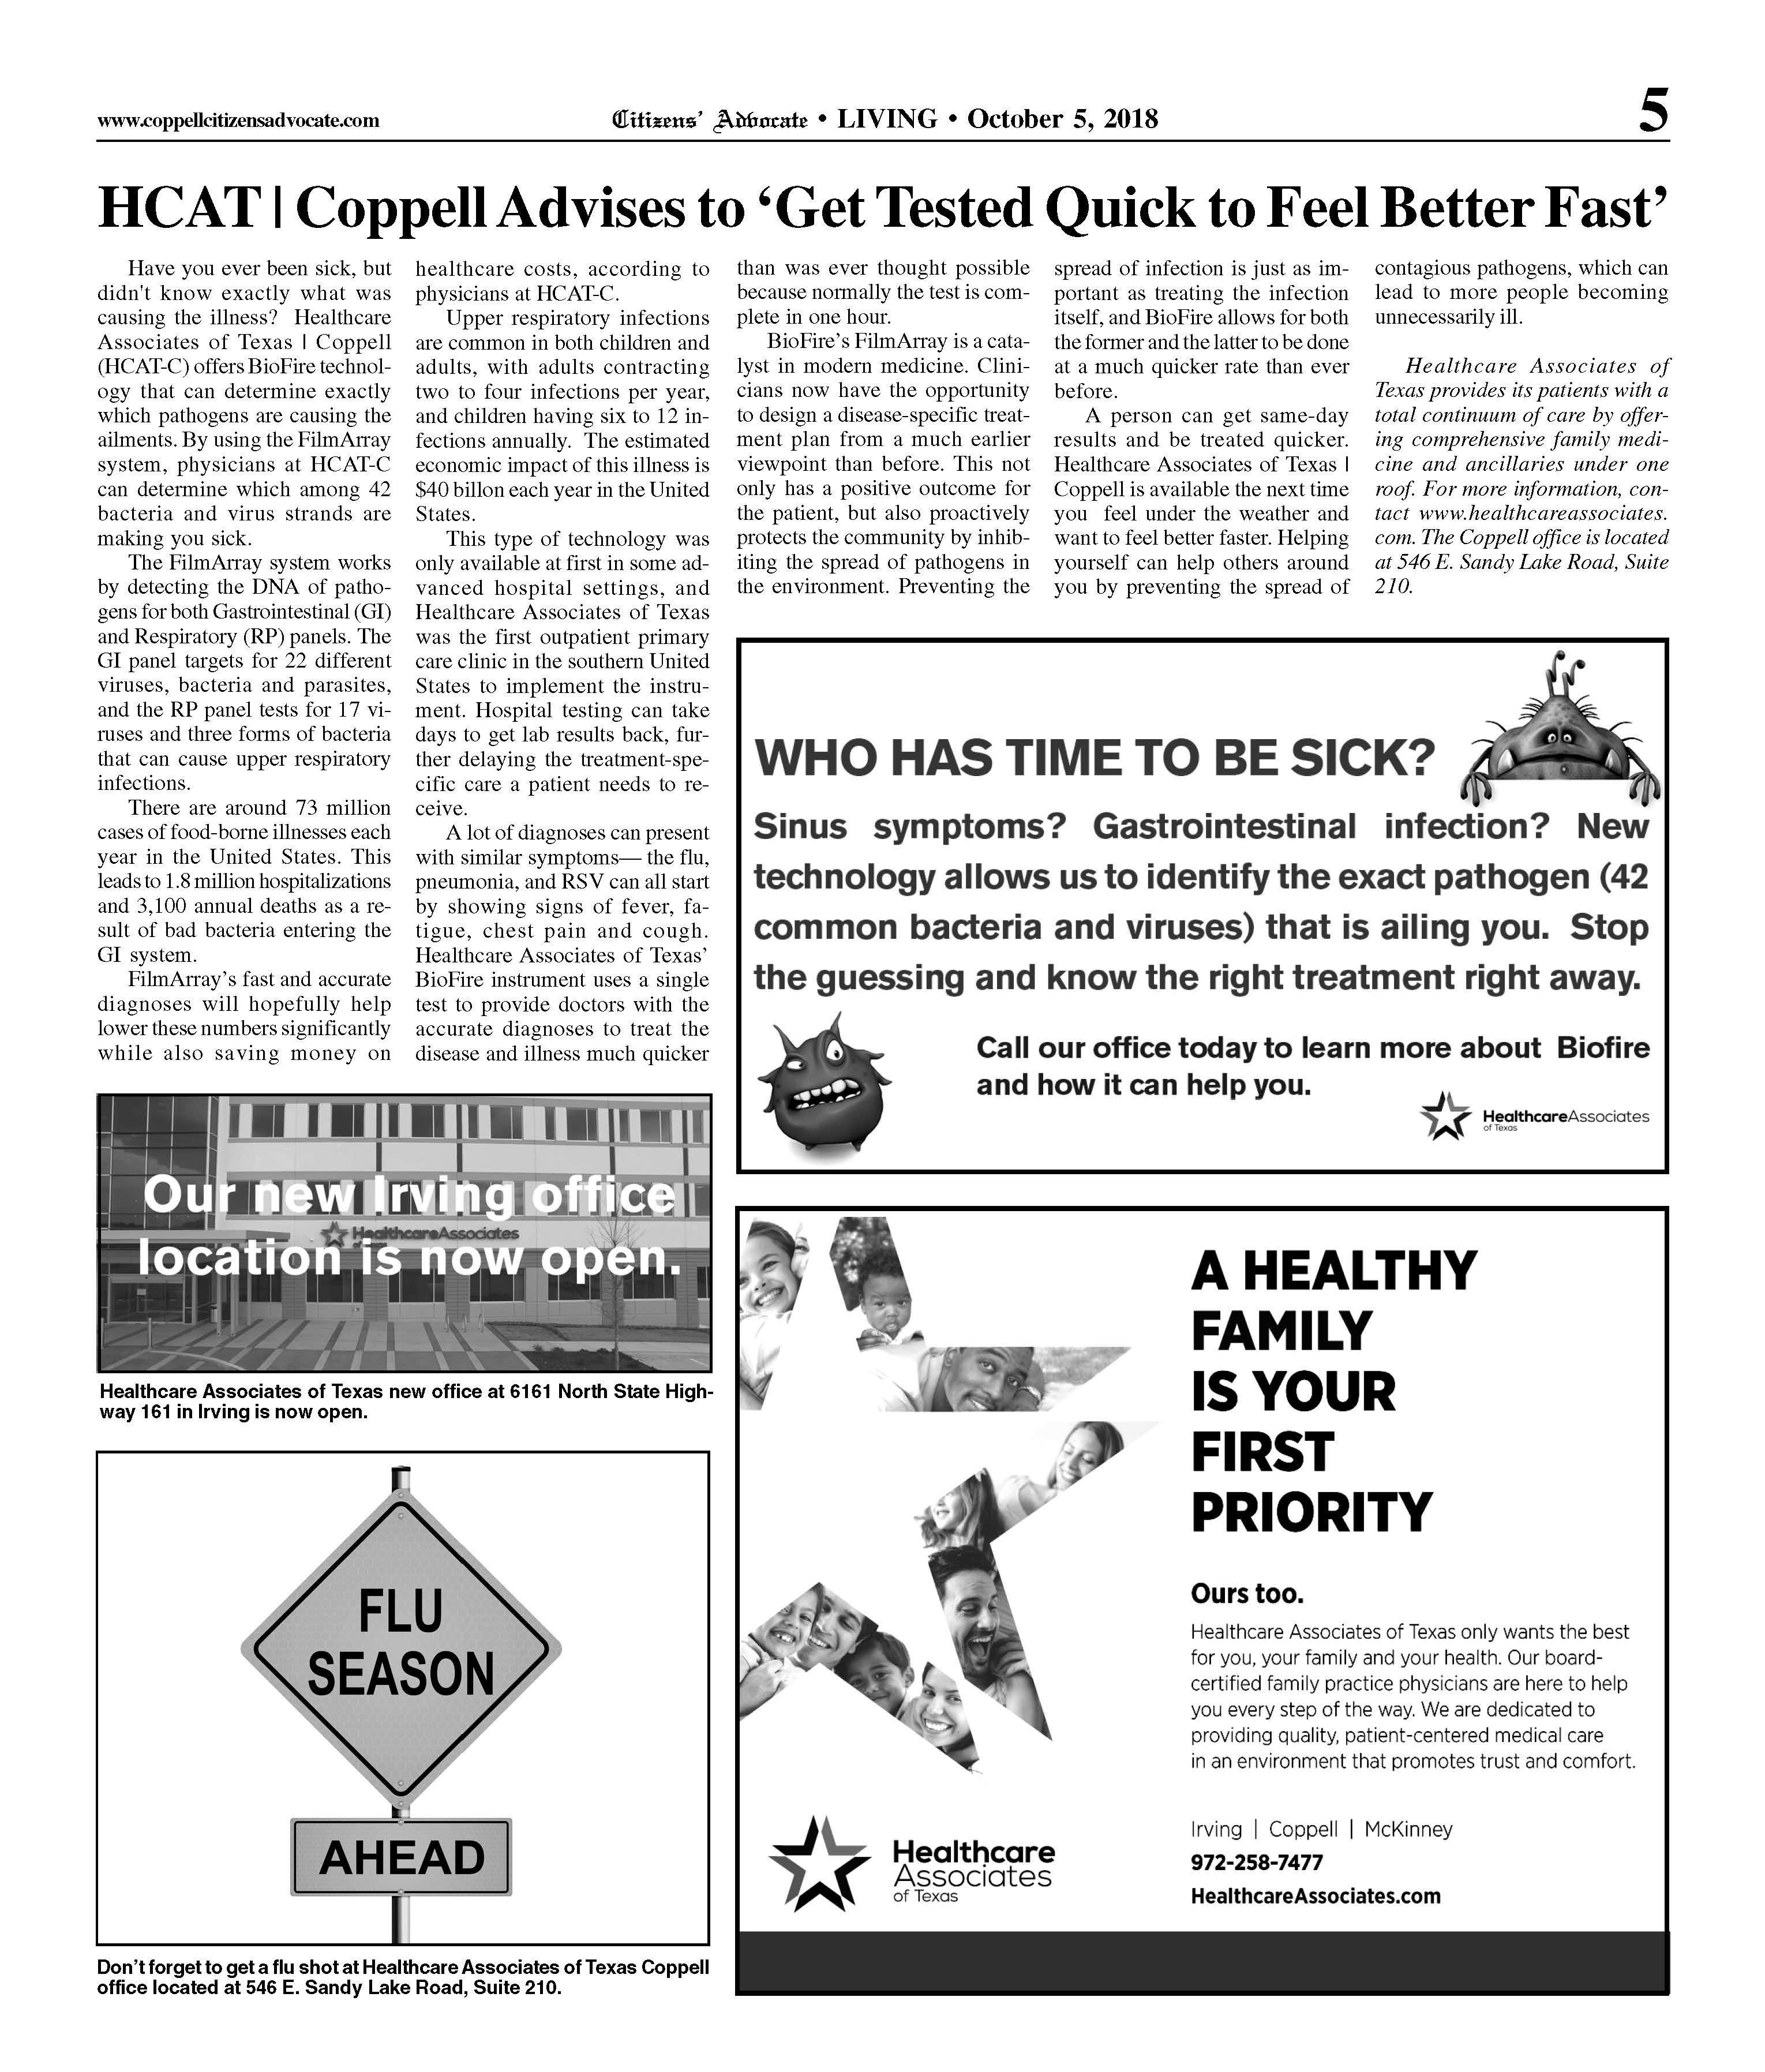 ARTICLE l HCAT Citizen's Advocate